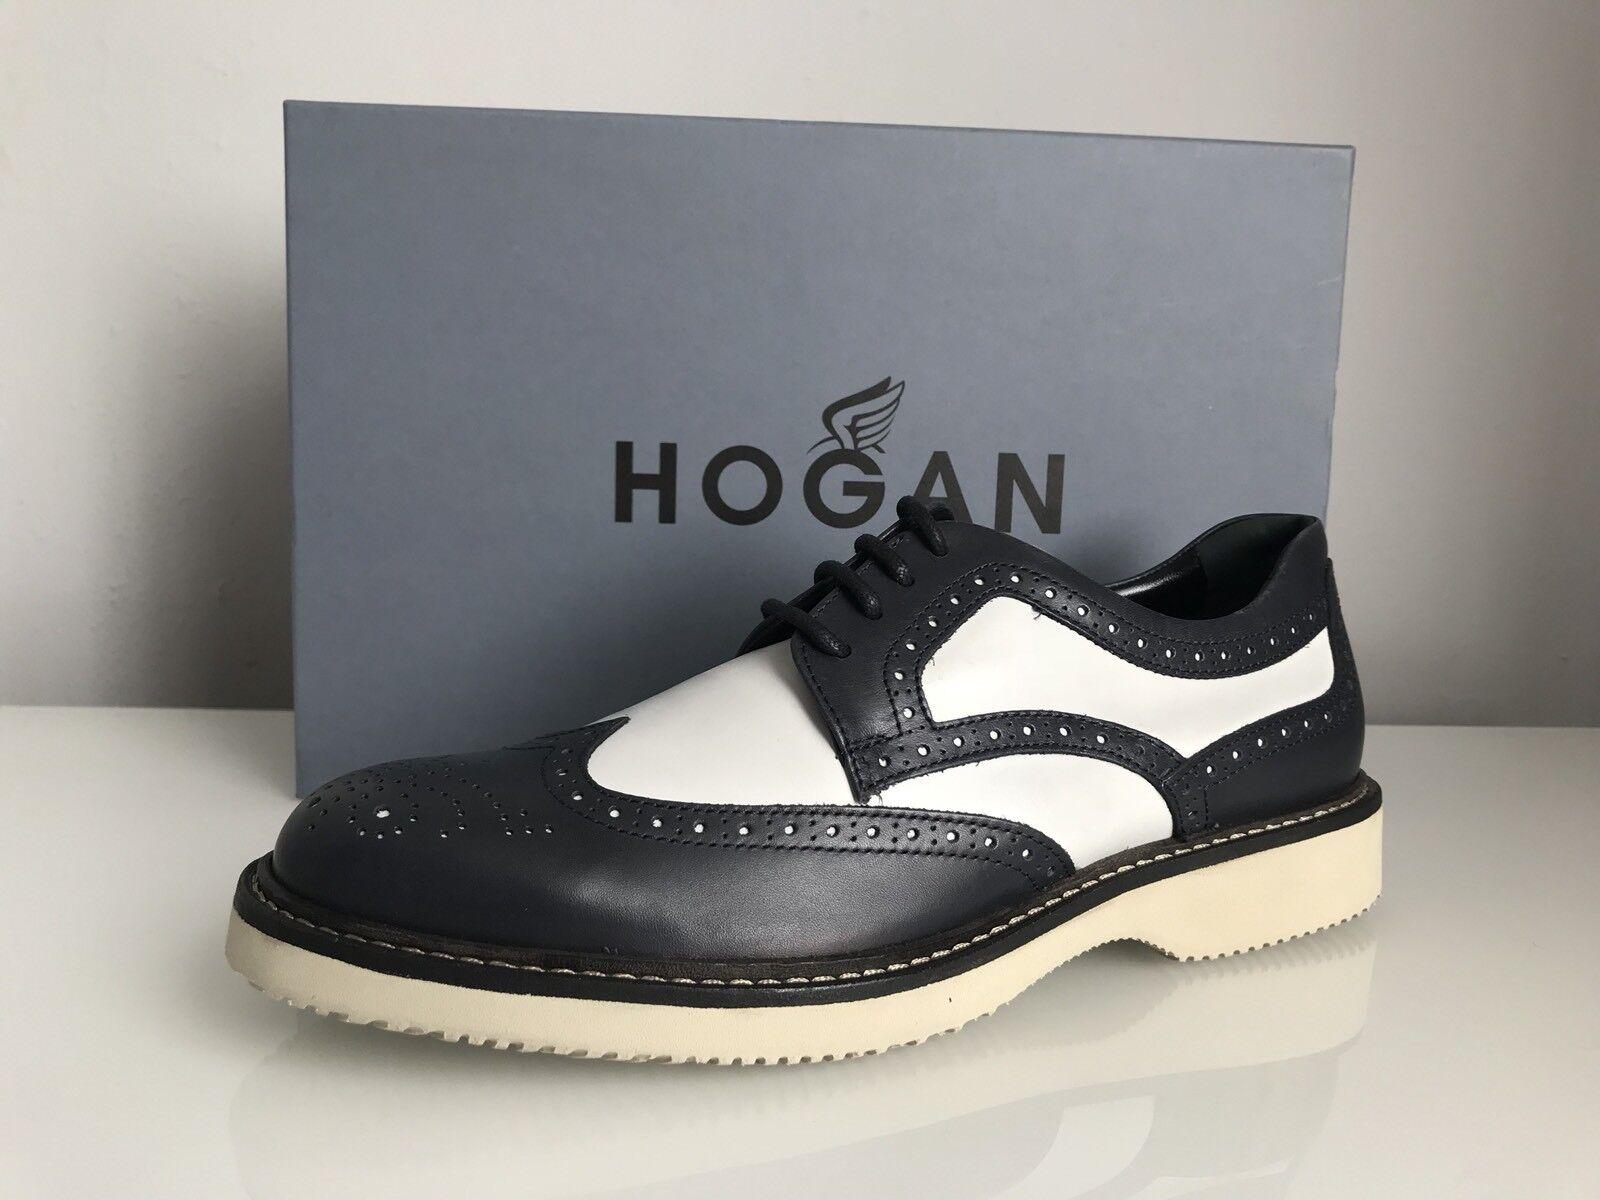 Hogan Hogan Hogan H217 Route Derby Bucature Spezzato Leather schuhe In Dark Blau Größe UK 8 af239f